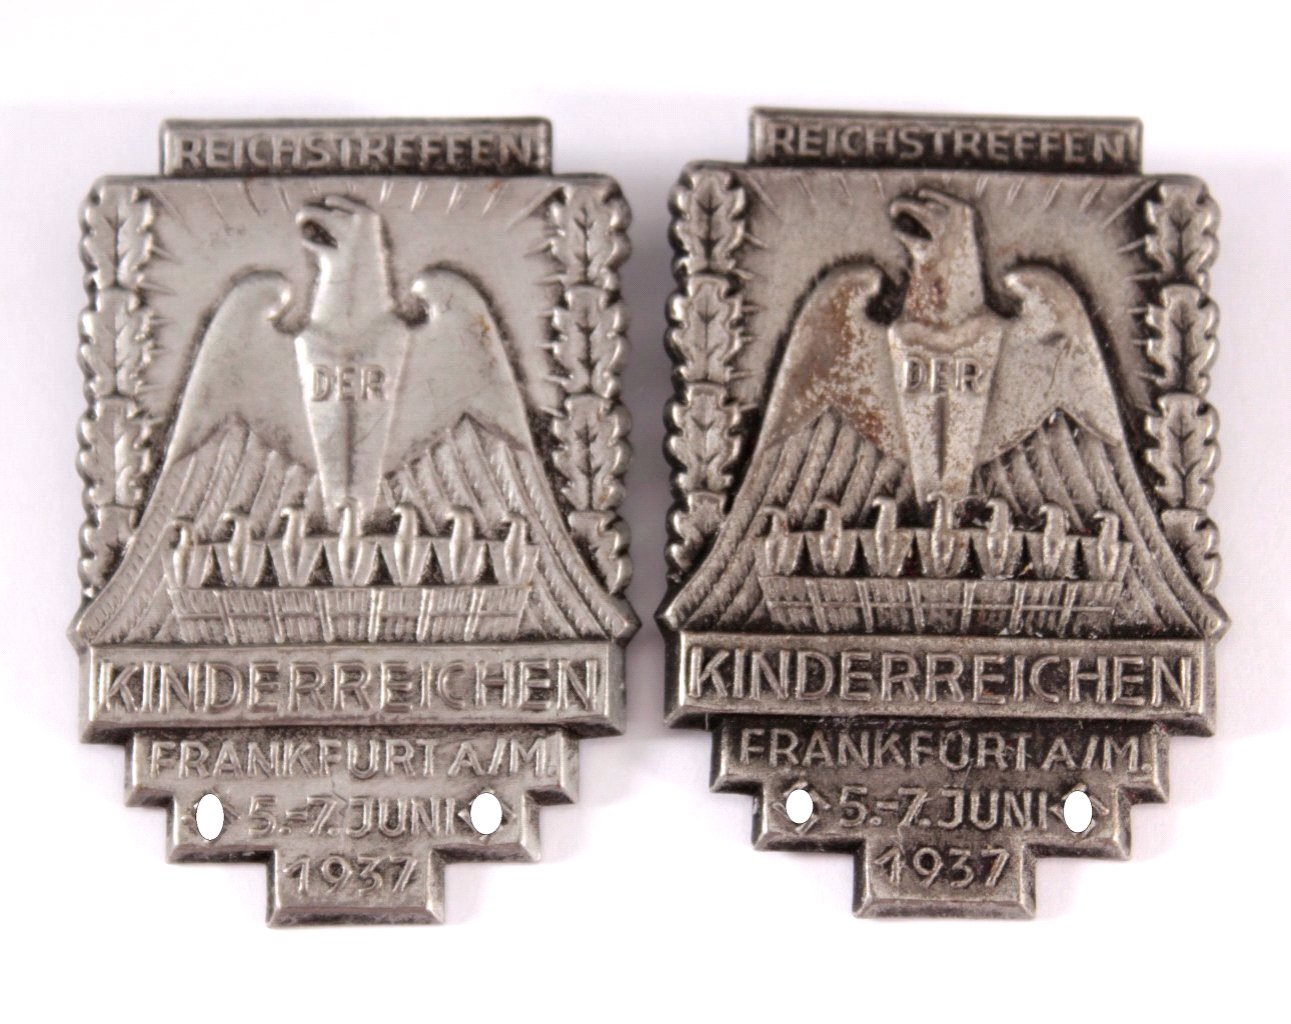 2 Abzeichen Reichstreffen der Kinderreichen 1937